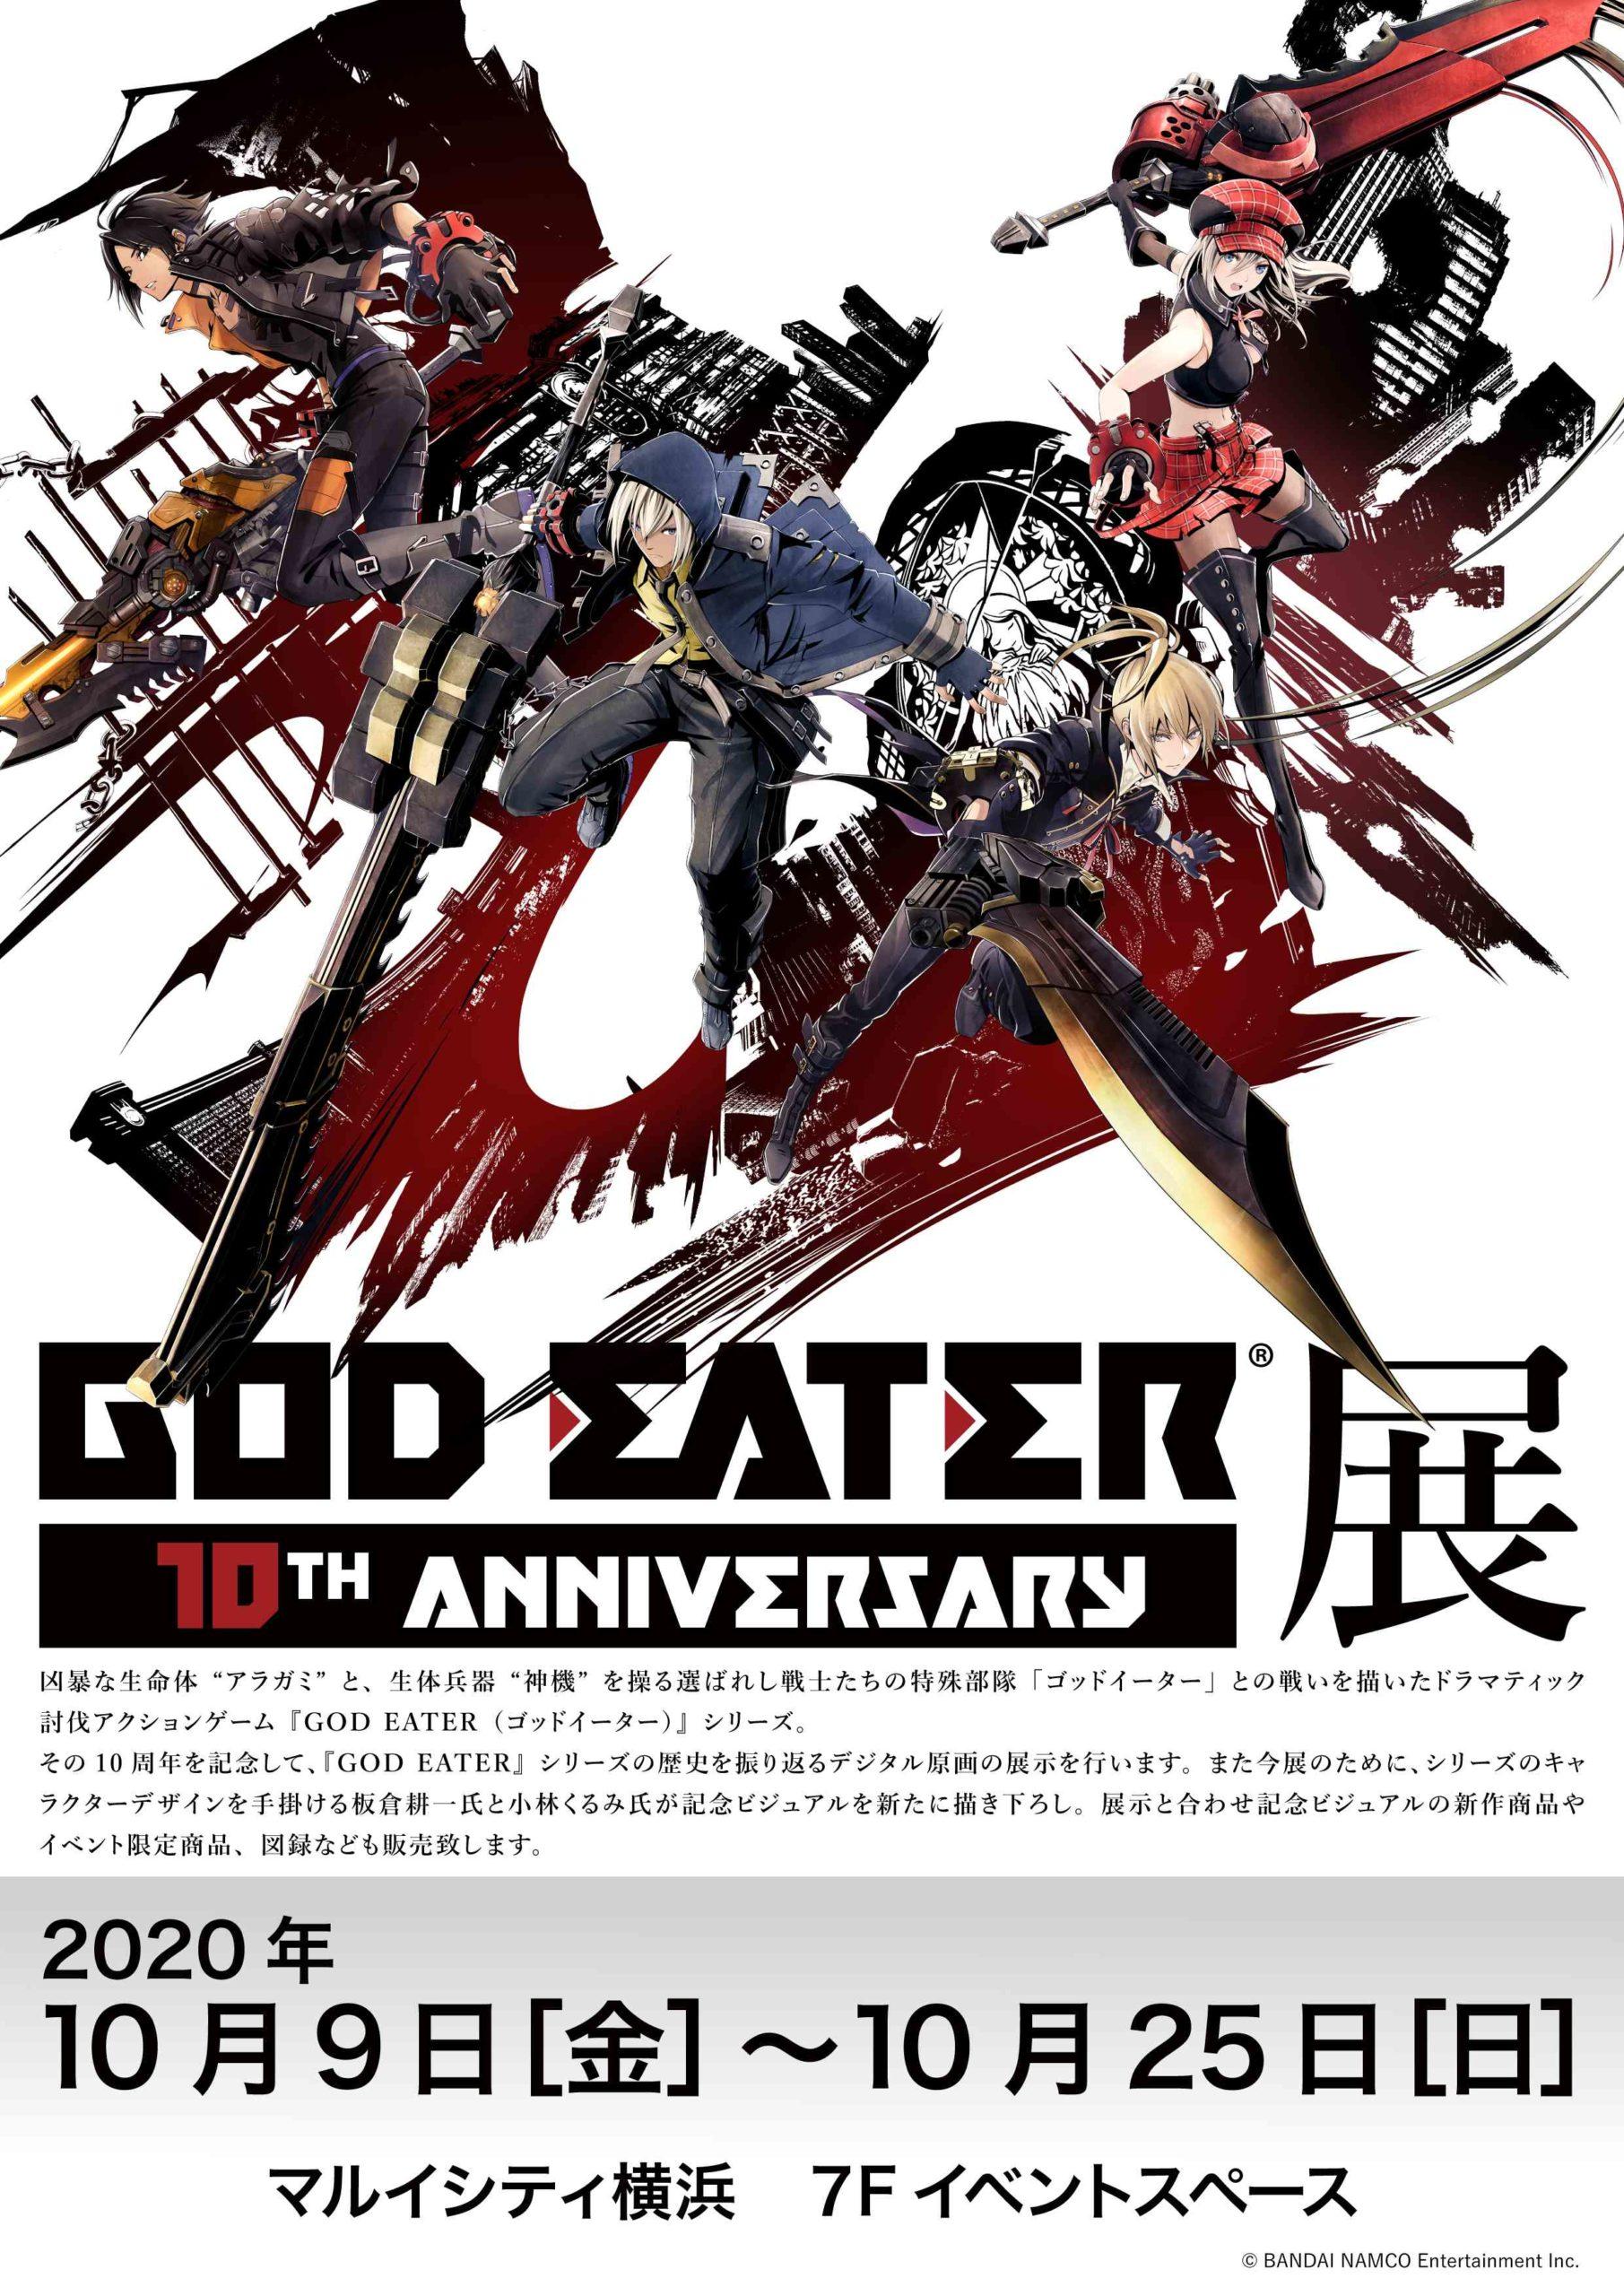 【神奈川】GOD EATER 展 10TH ANNIVERSARY:2020年10月9日(金)~10月25日(日)